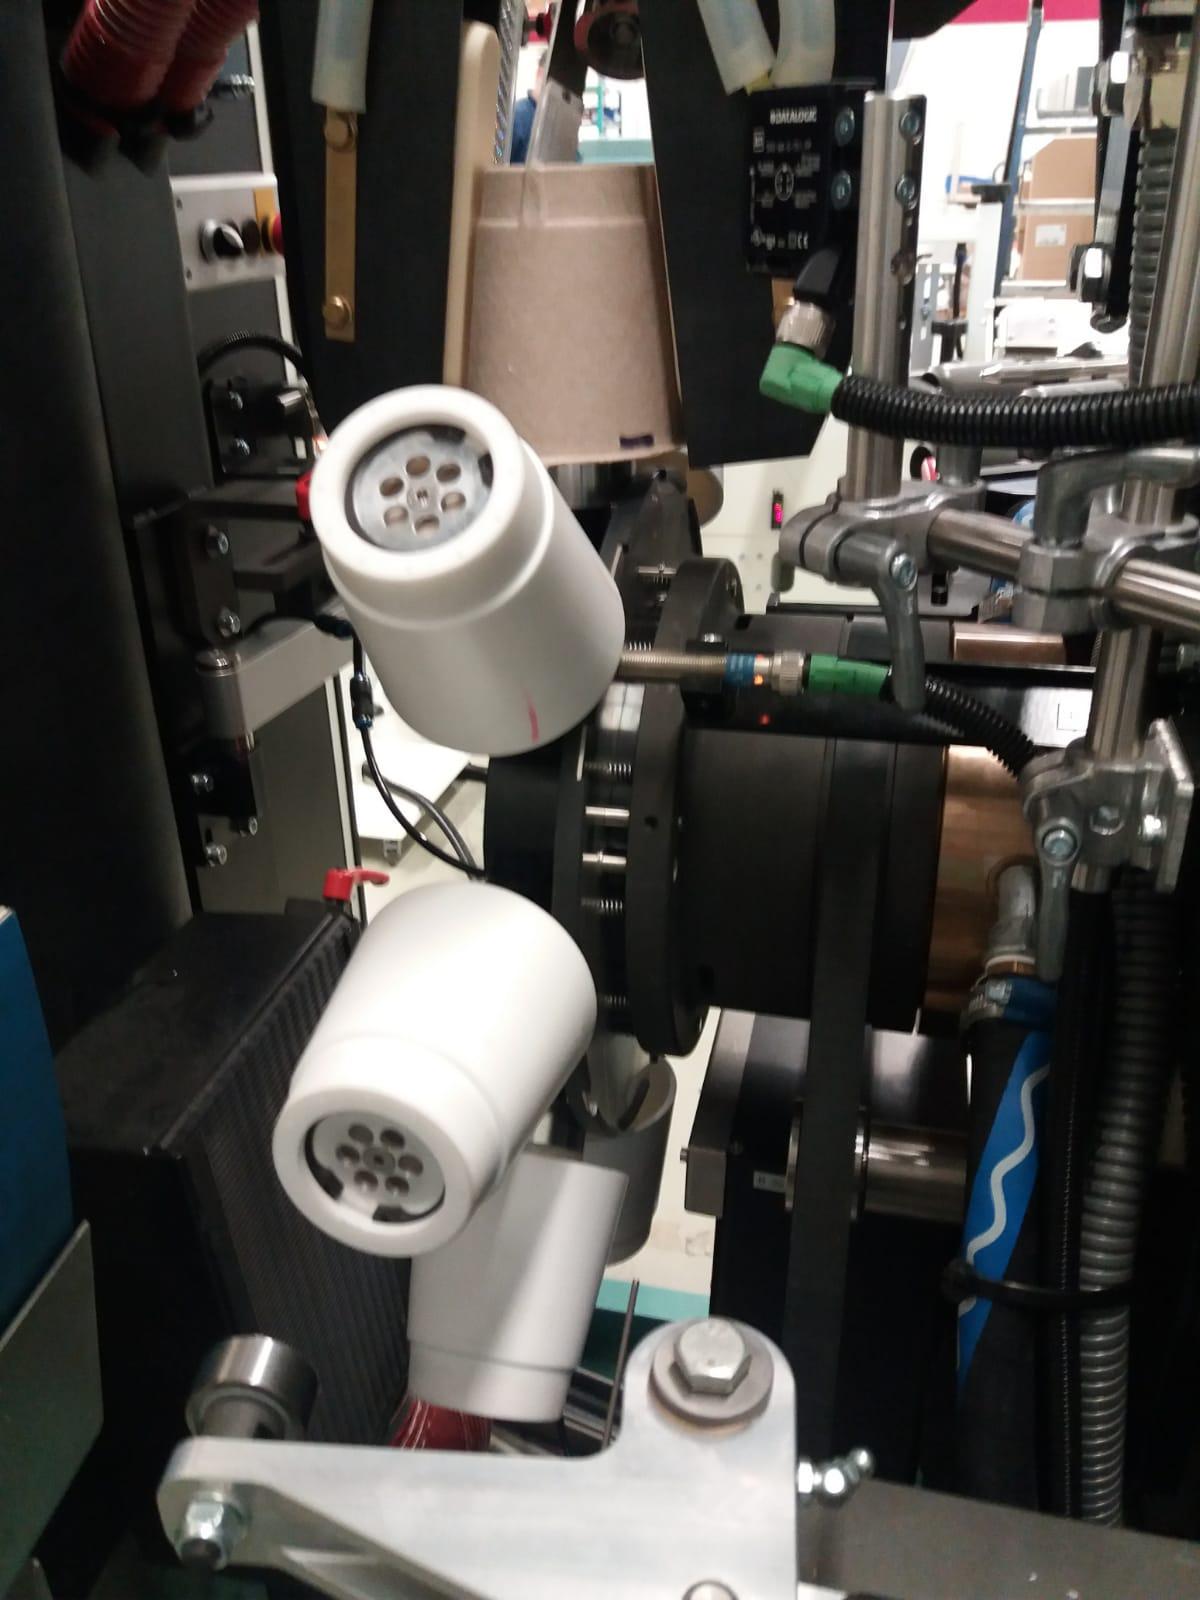 Ook voor high-tech machine eindproducten kunt u bij ons uw 3D Printwerk neerleggen. Precisie onderdelen in een 600 PPM bedrukkingsmachine van Van Dam Machine Europe B.V. als alternatief op  aluminium onderdelen. De gebruiker ondervindt geen verschillen behalve dat er sneller gedraaid kan worden, het lichter van gewicht is en dat de onderdelen binnen één week in huis zijn om te produceren in plaats van 3-4 weken voor aluminium onderdelen.